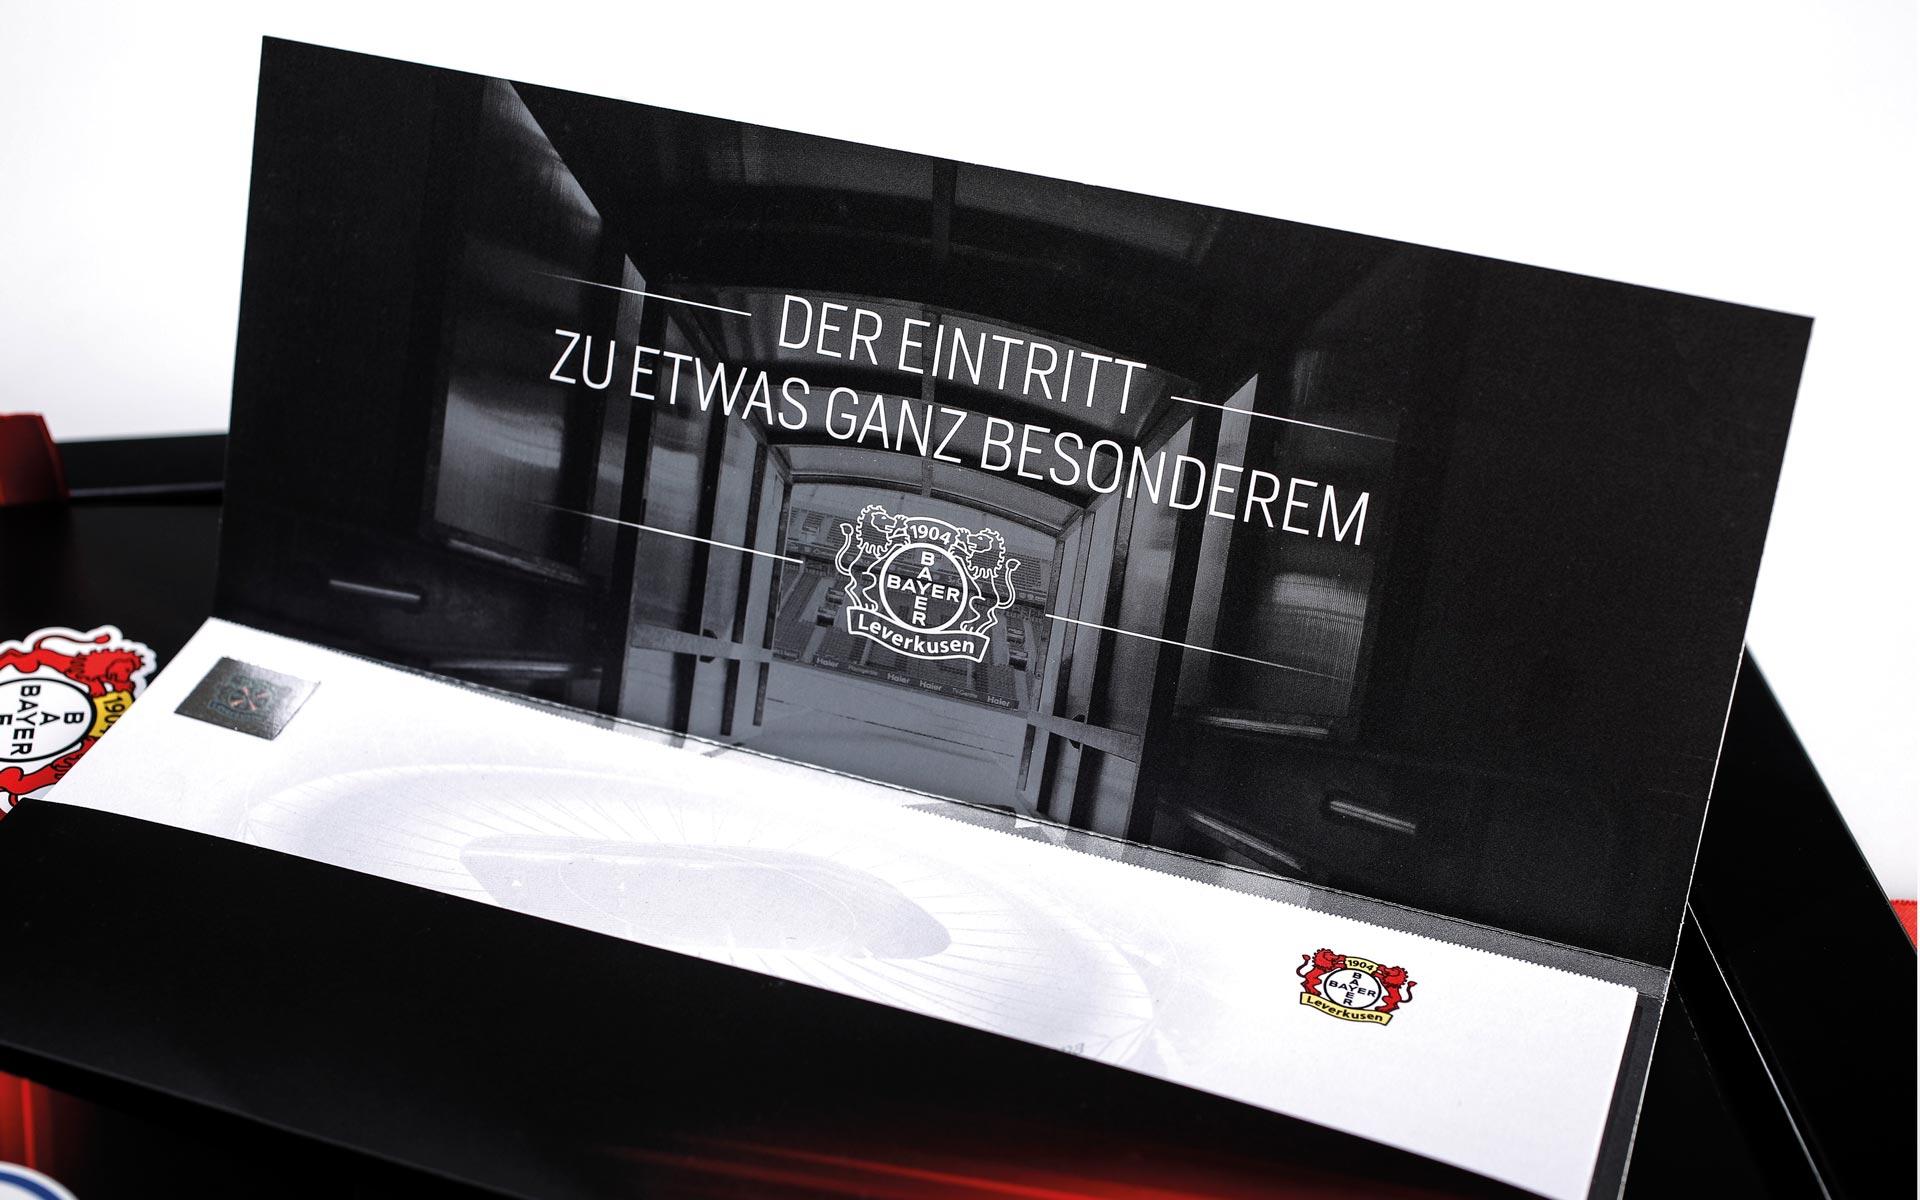 Bayer 04 VIP-Ticketbox, Tickethülle, geöffnet